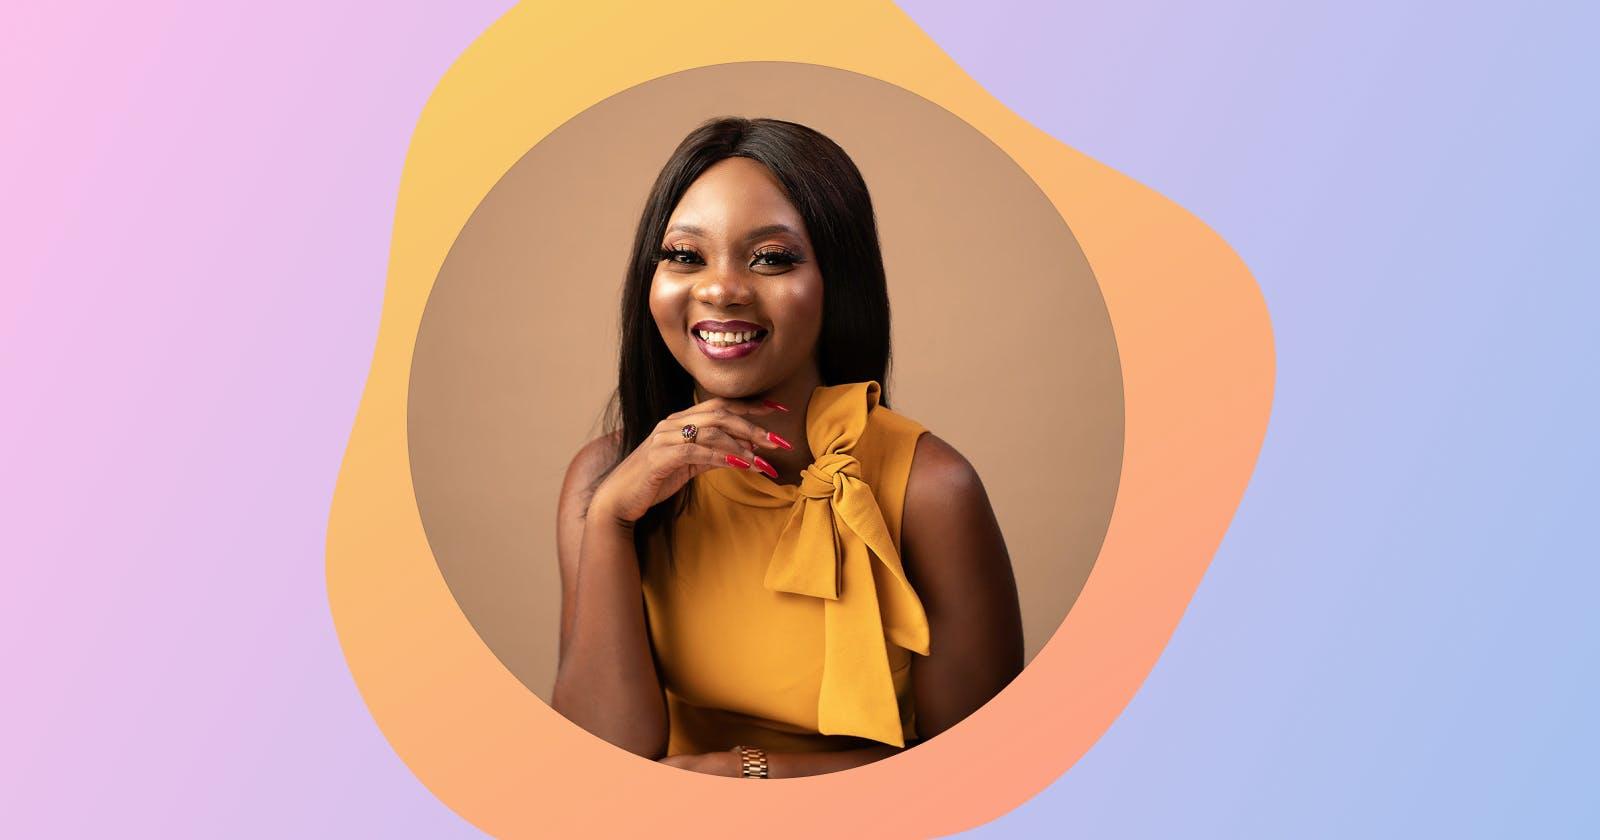 Women in Tech: Nenne Adaora Nwodo